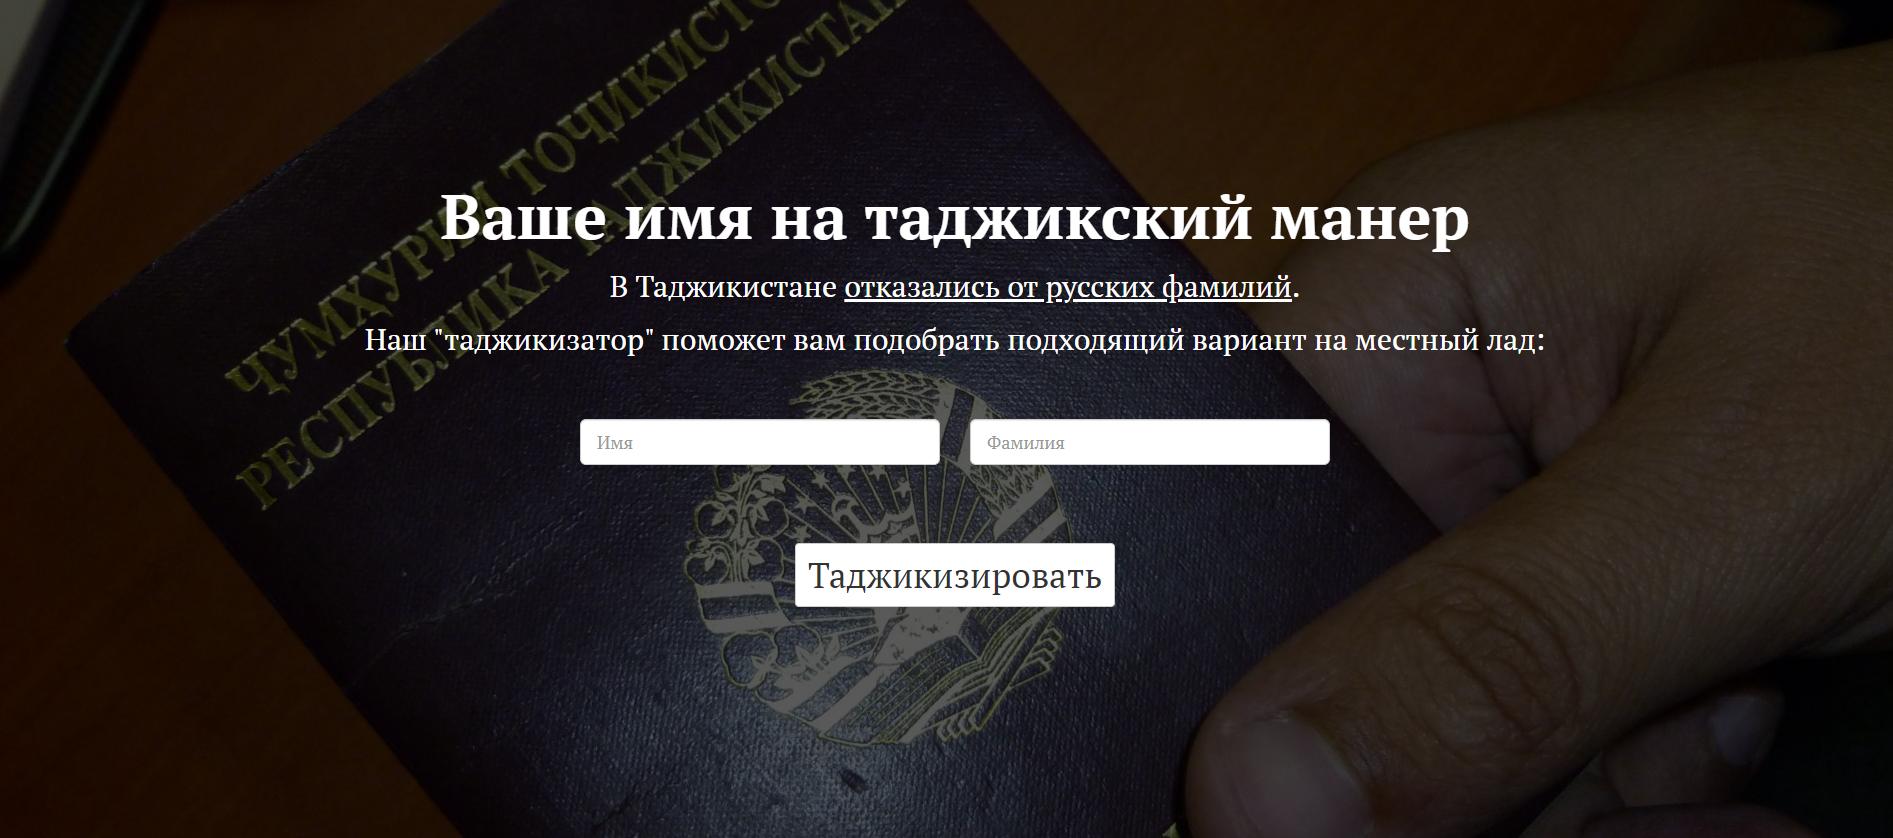 Таджикизатор русских фамилий